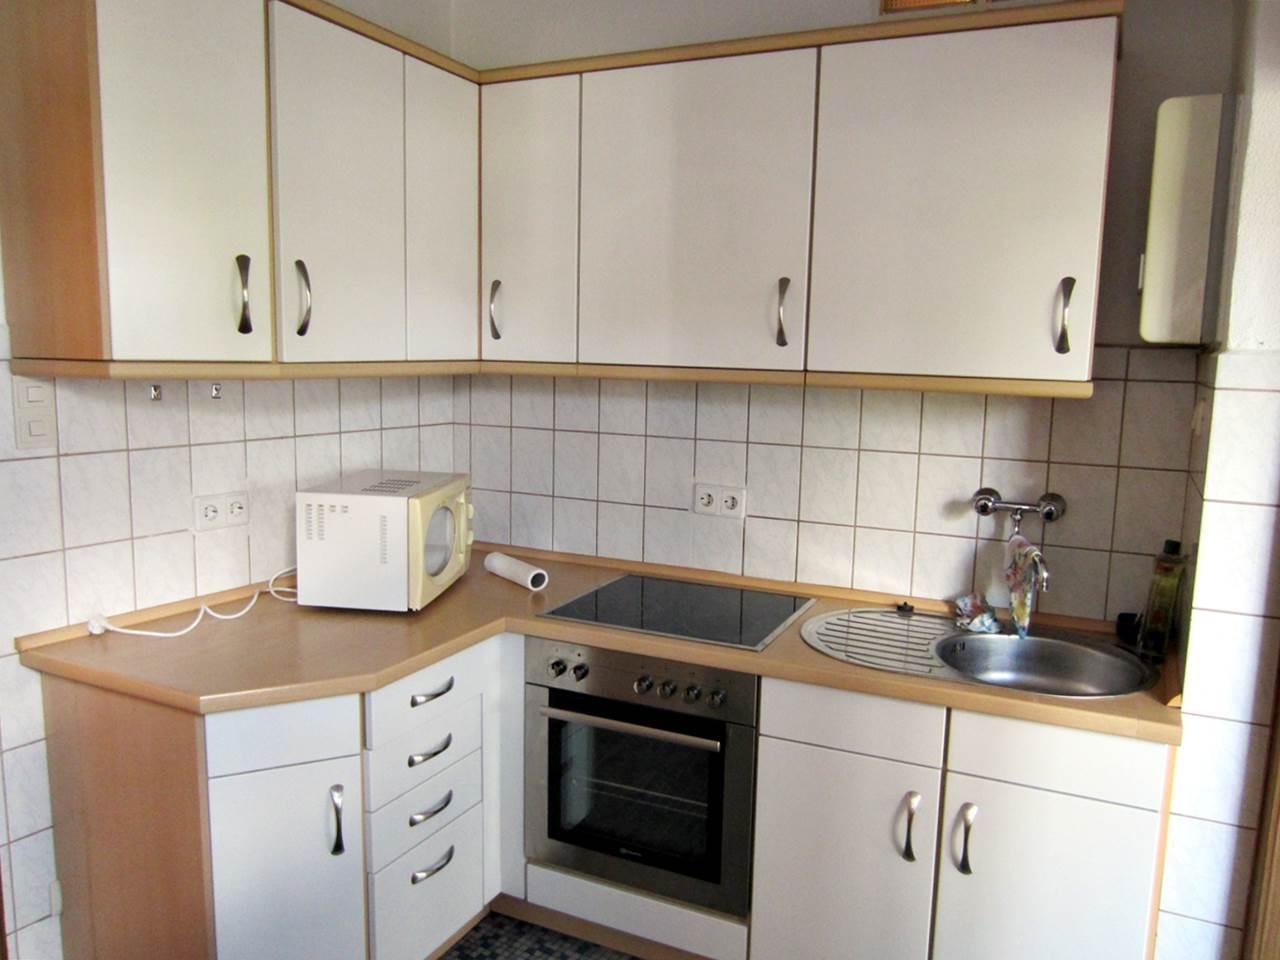 Moderne Einbauküche weiss mit E-Geräten | Trödel Oase - Antik ...